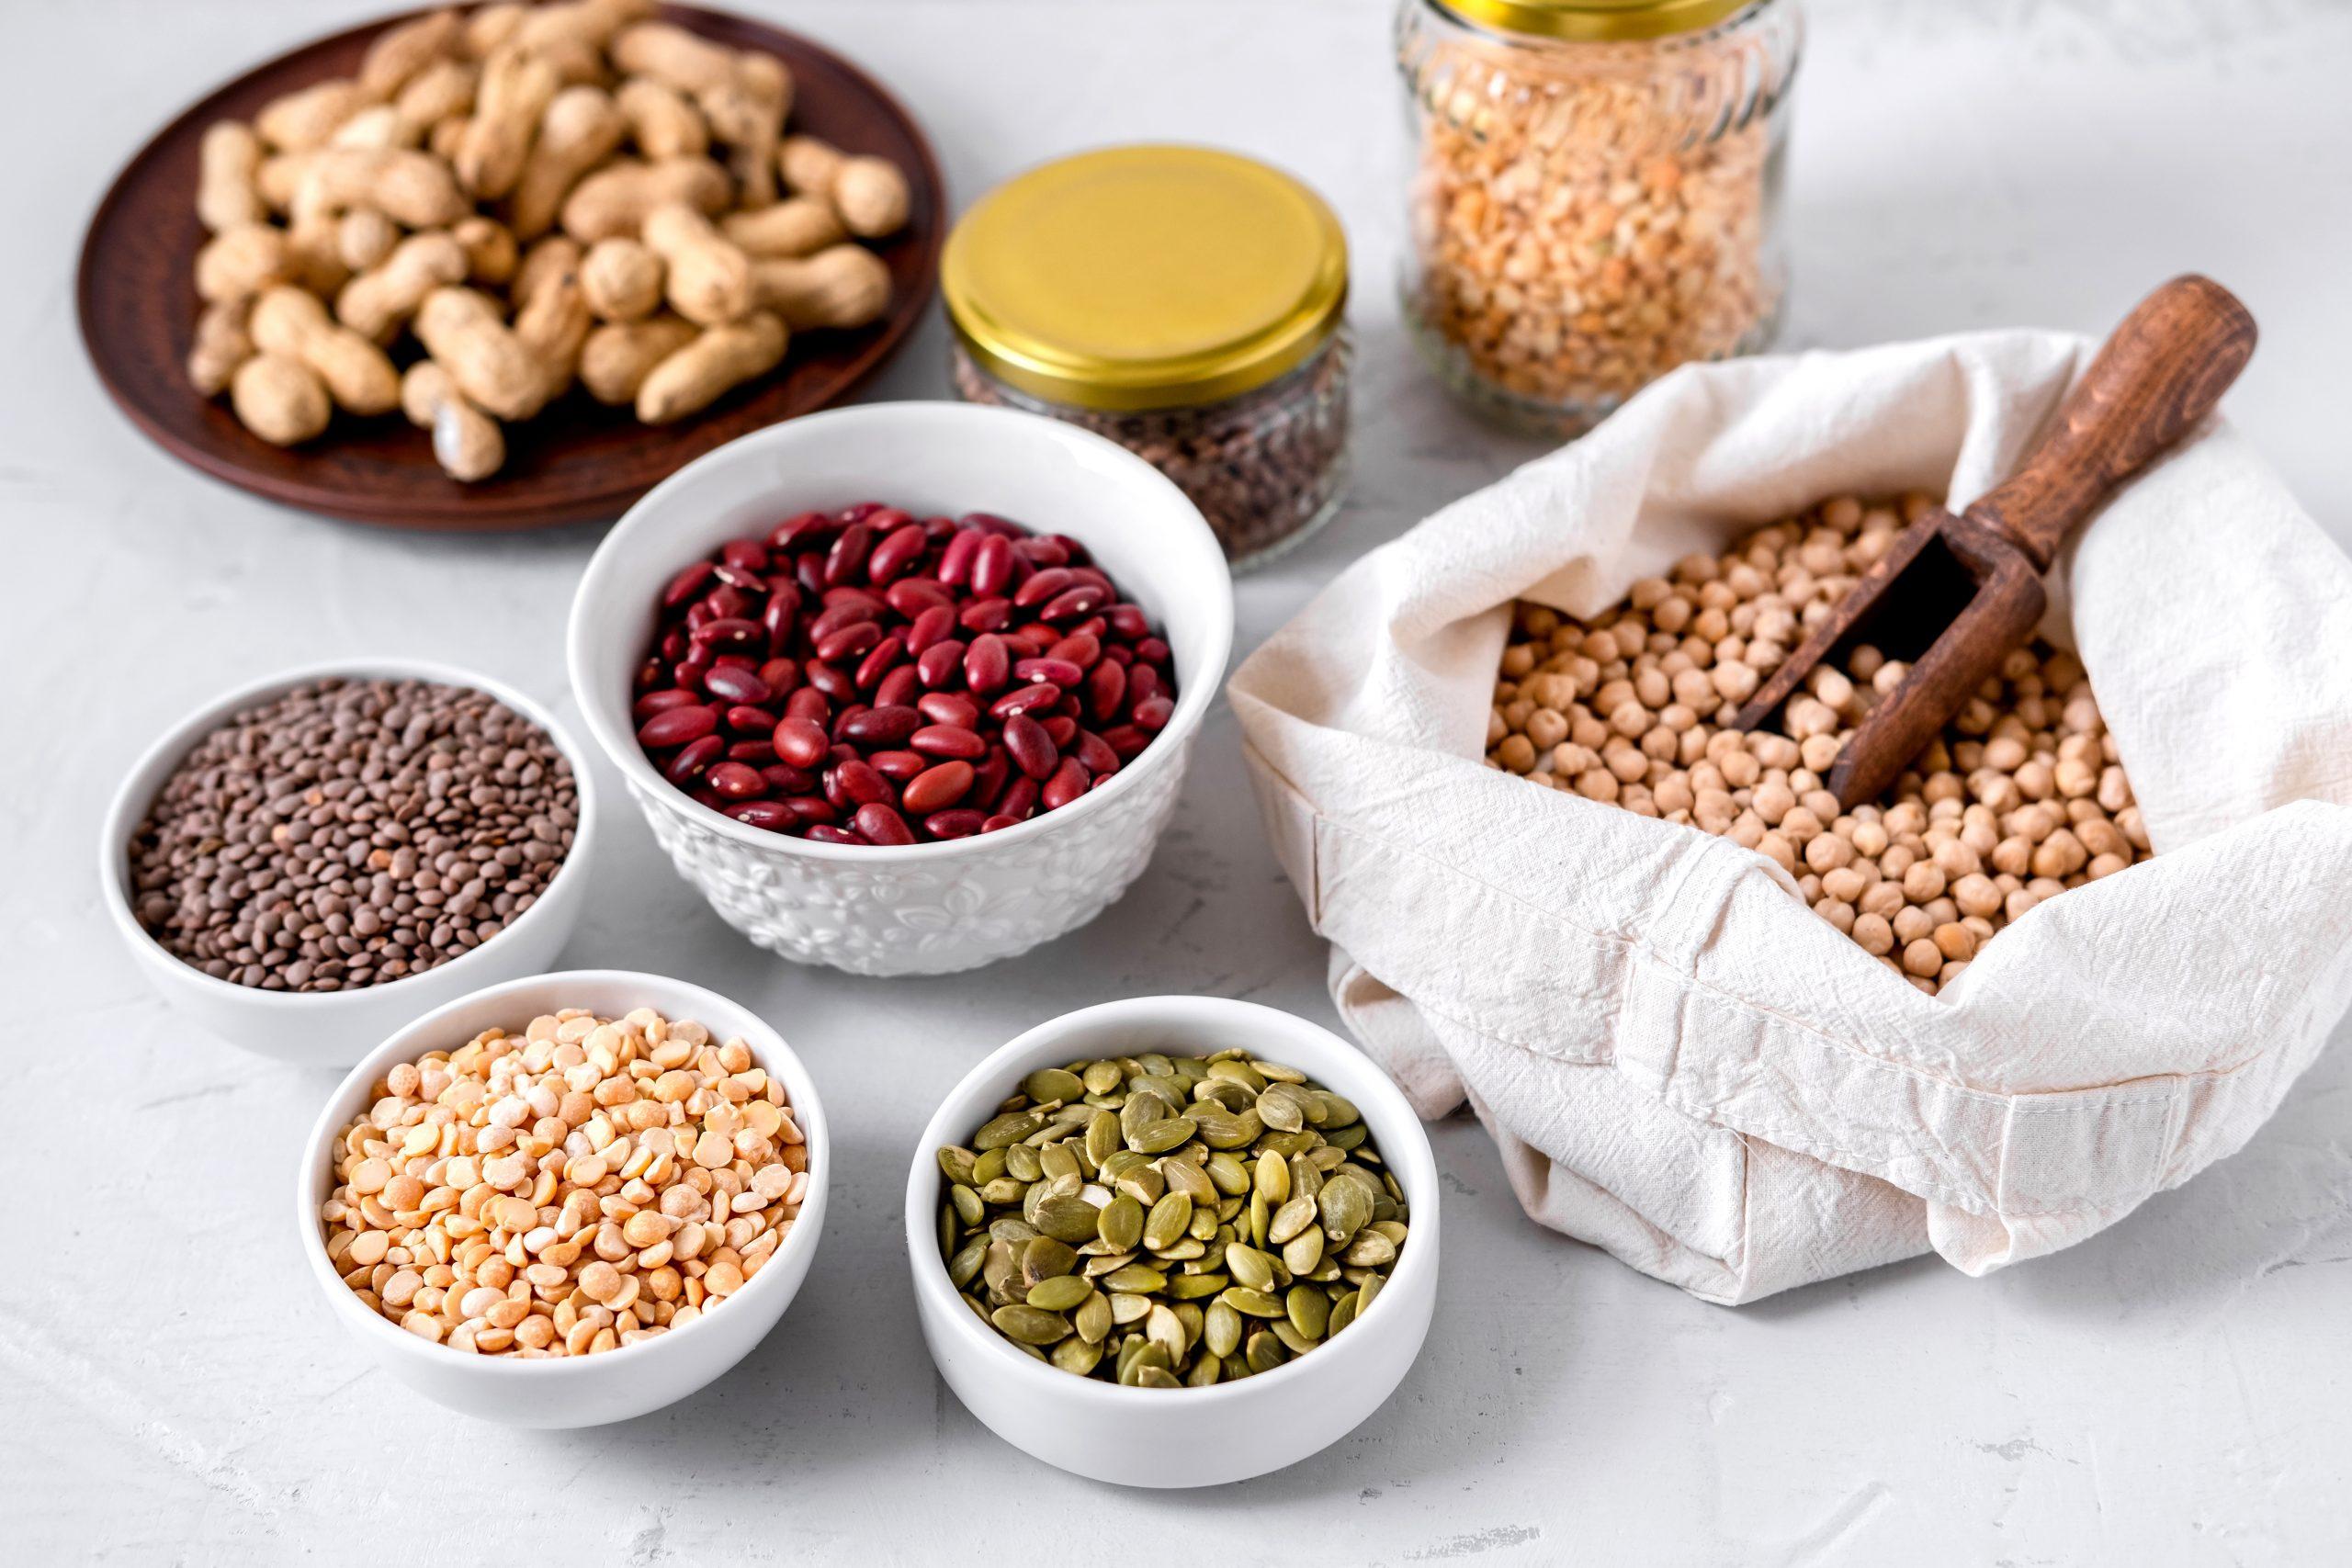 Cu ce putem înlocui proteinele din carne? 9 alimente bogate în proteine vegetale